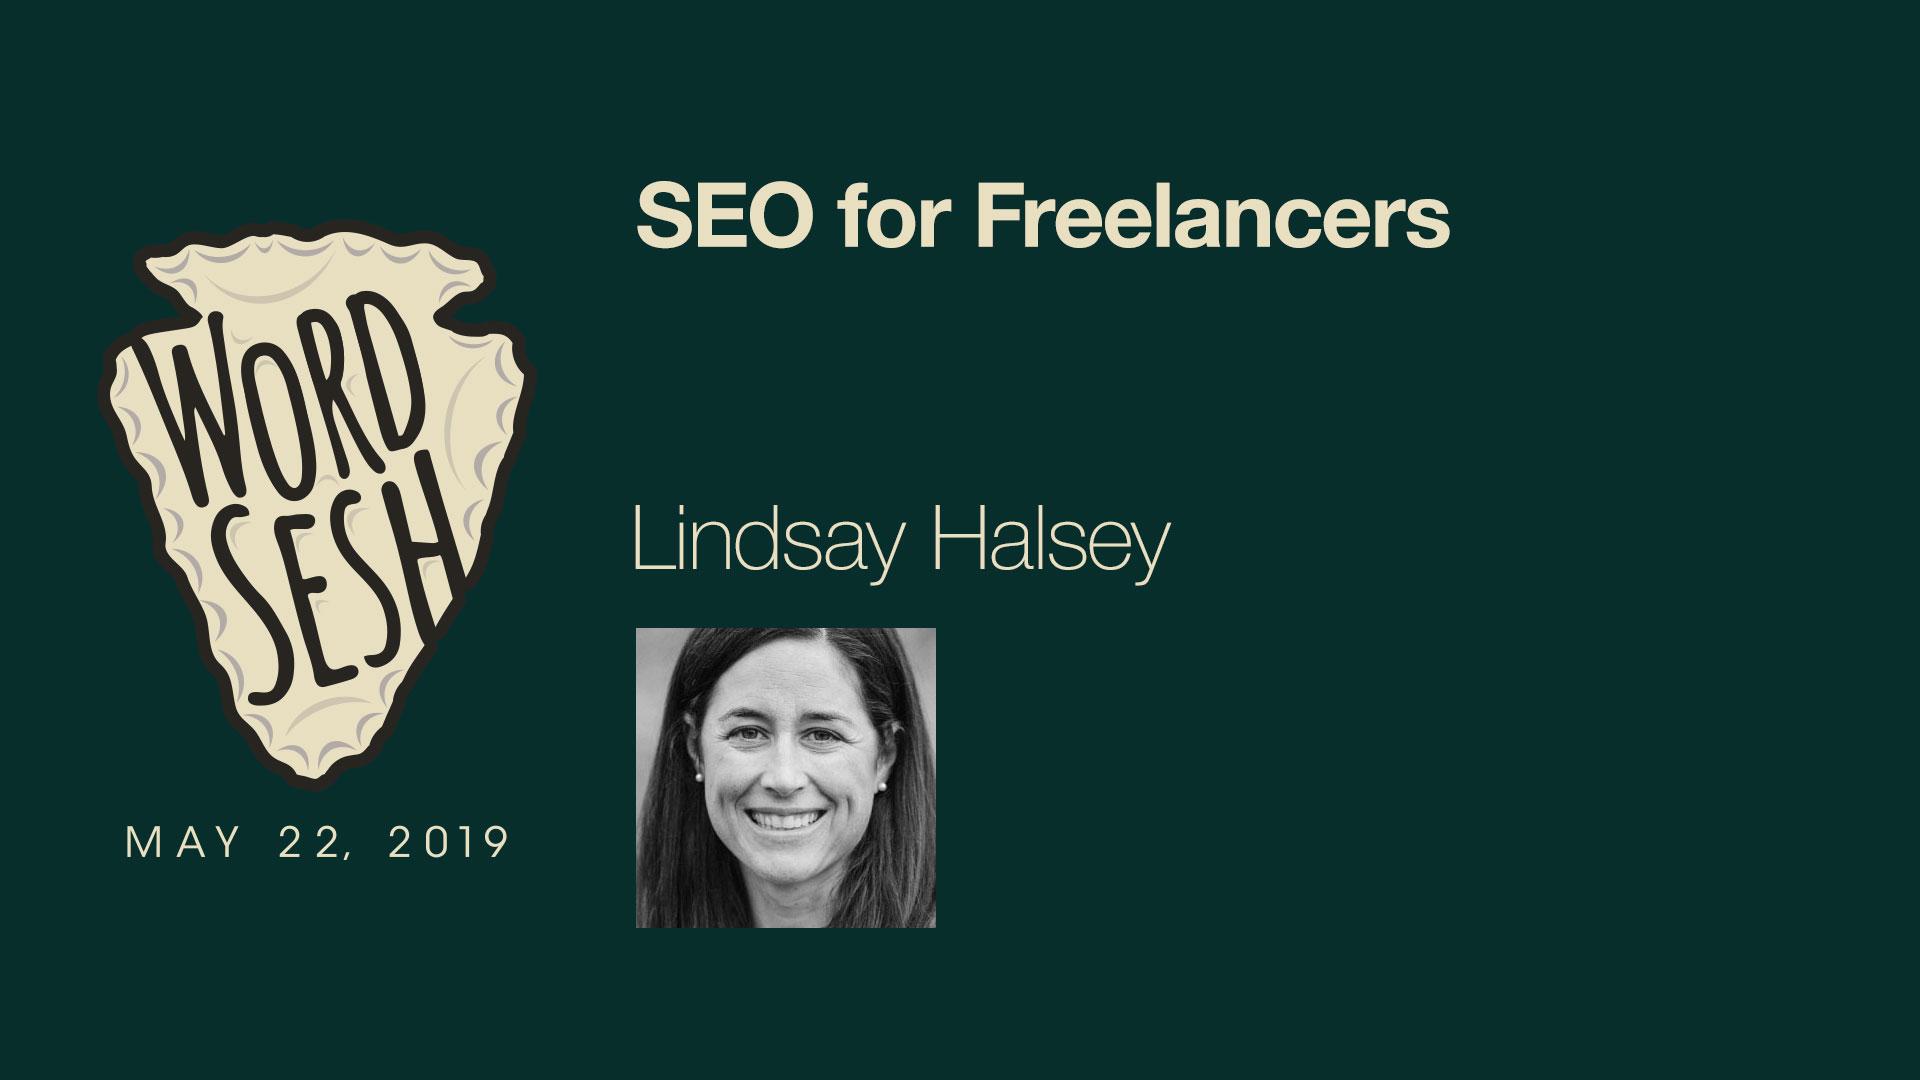 14-WordSesh-SEO-for-Freelancers-Lindsay-Halsey